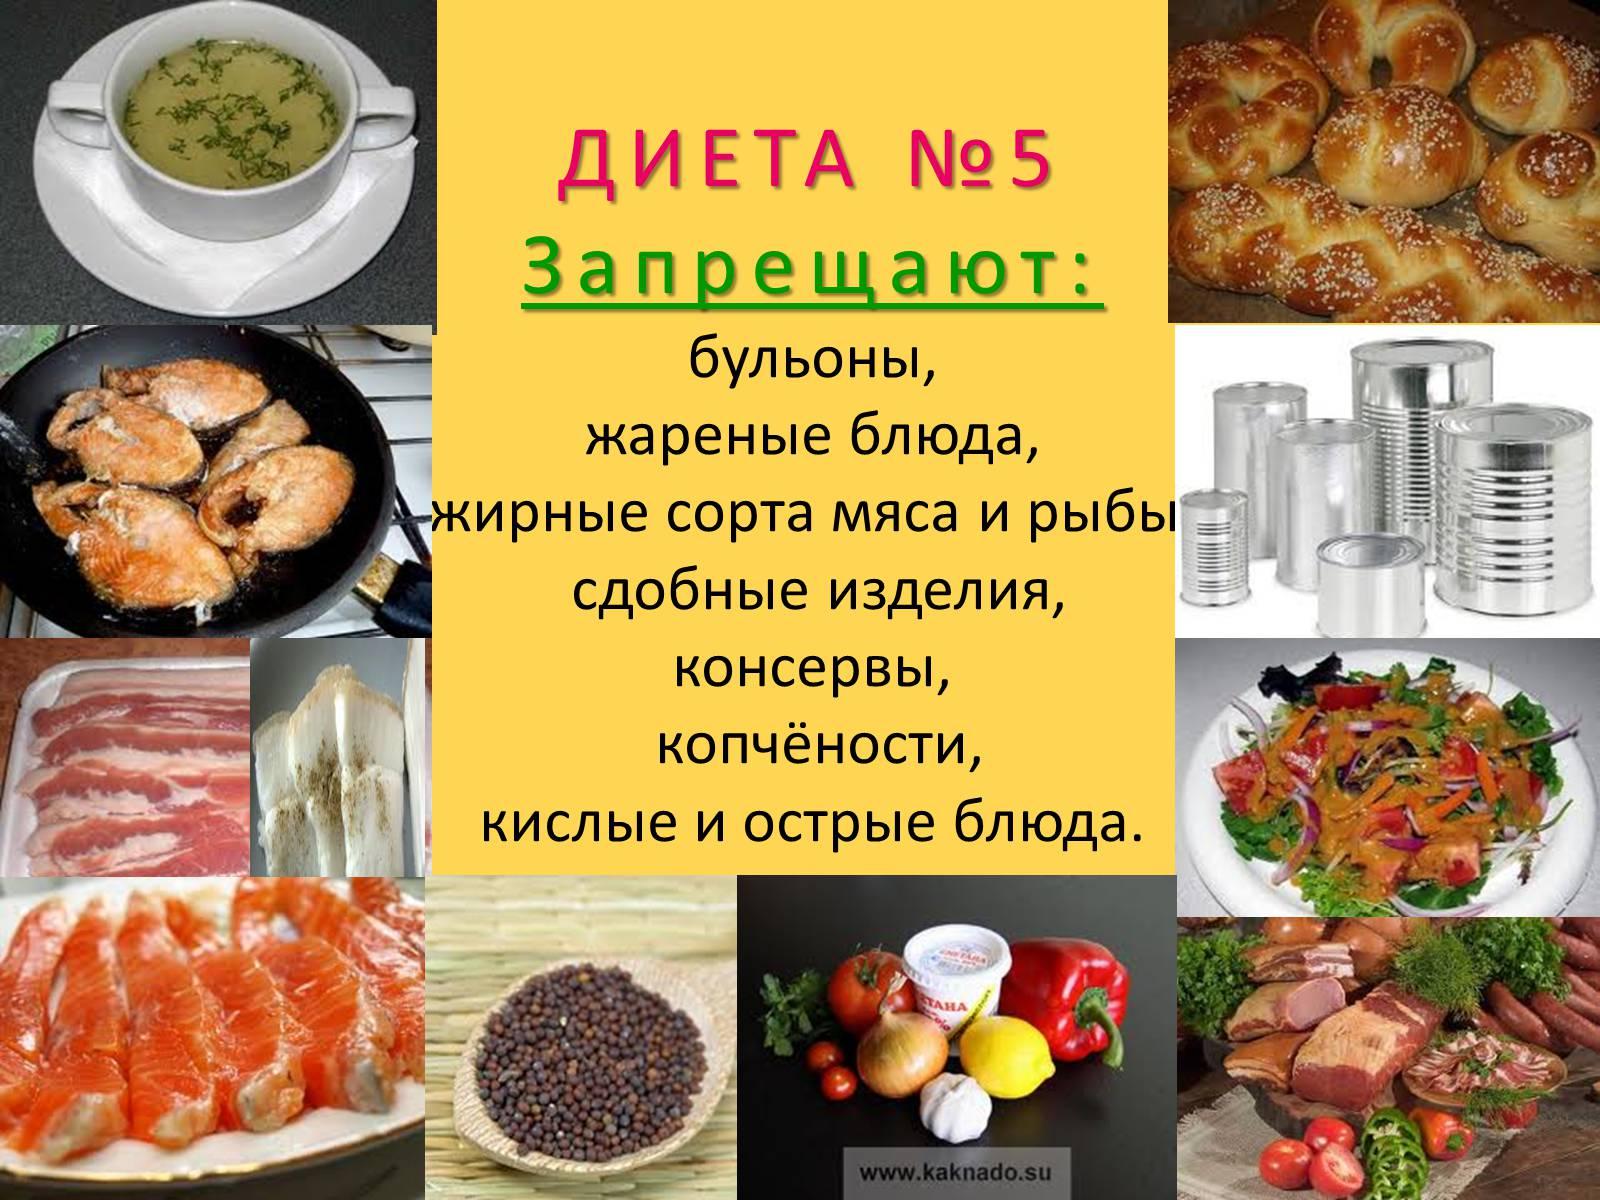 Мясо диета номер 5